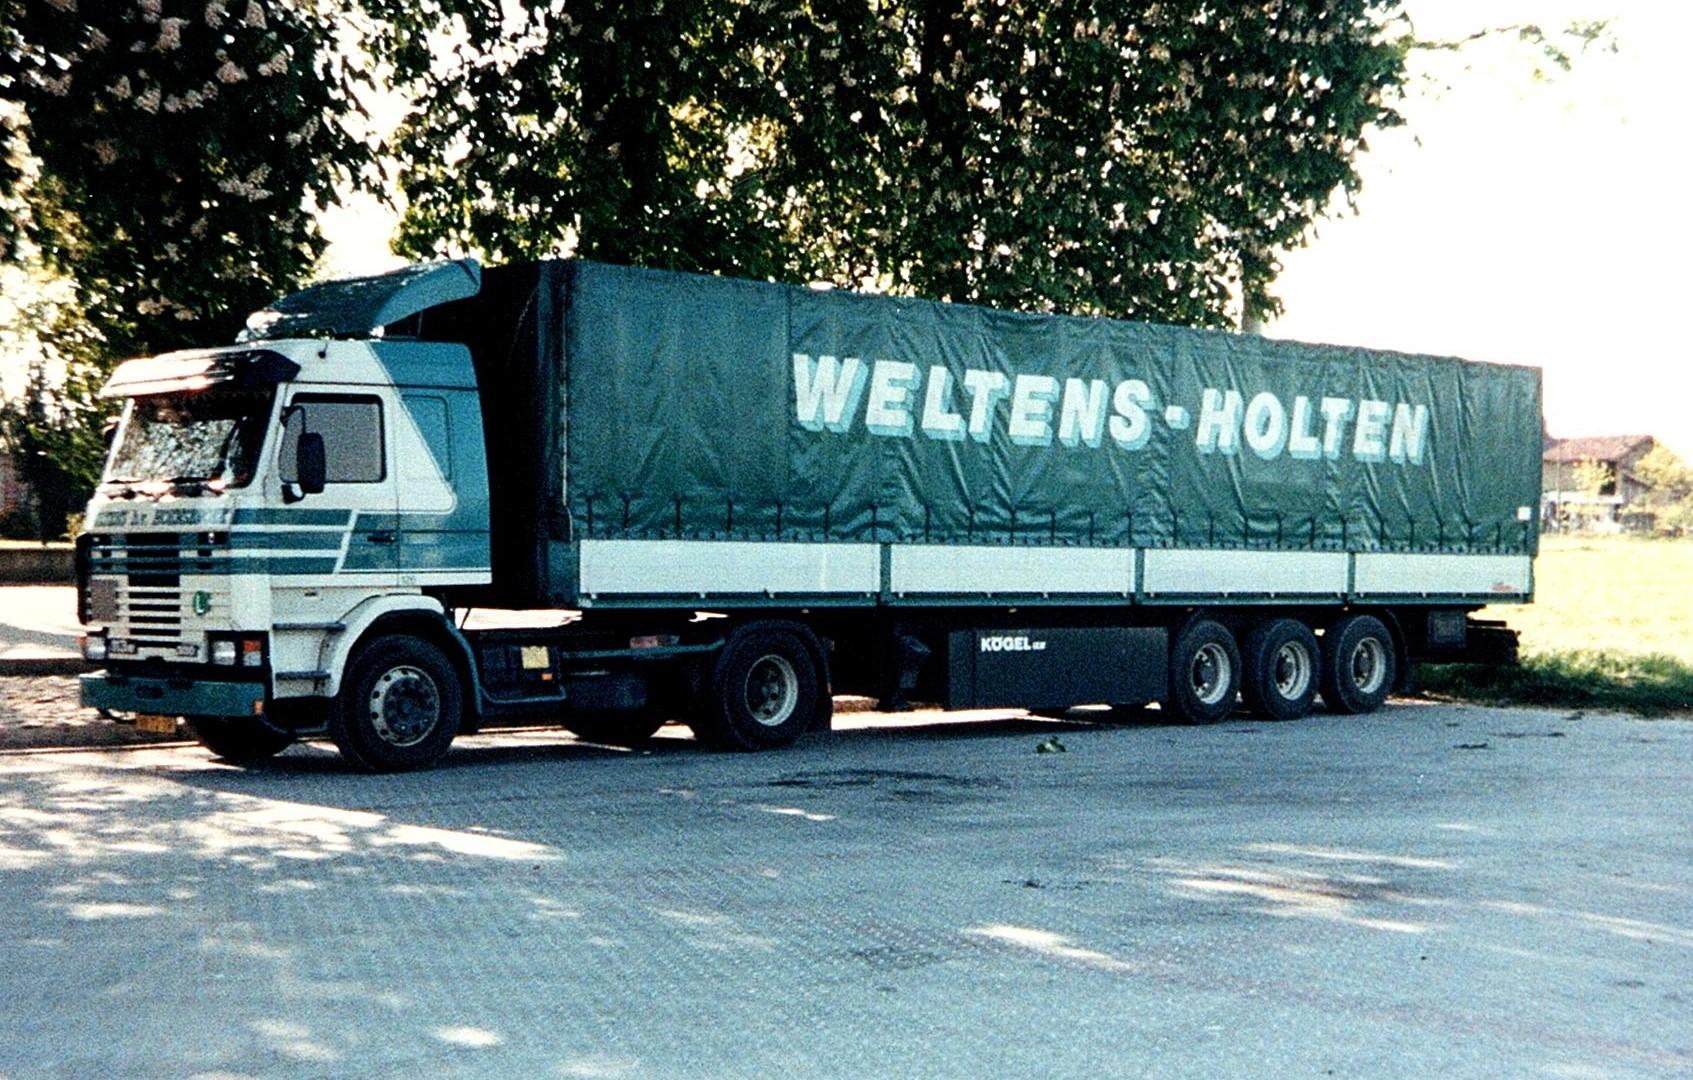 Bert-met-de-Scania-vakantie-vieren-in-Italie-3